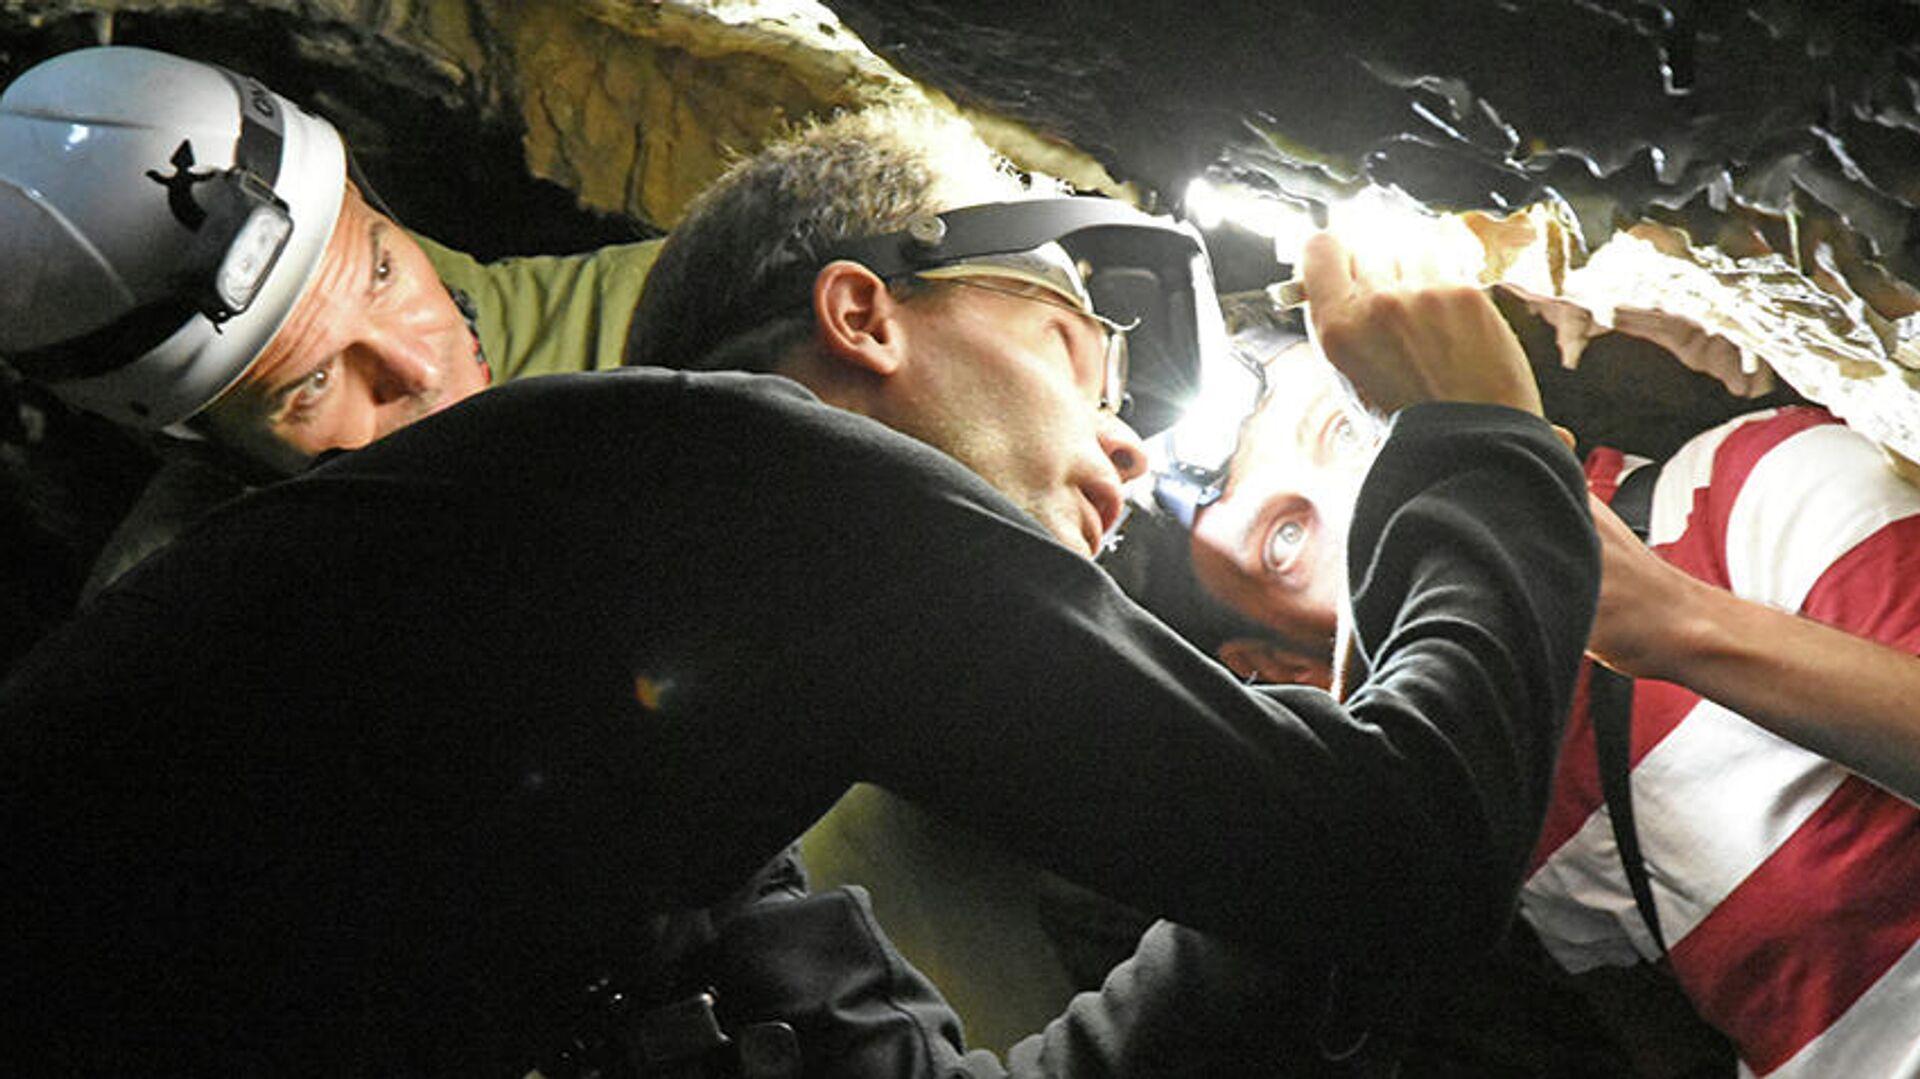 Investigadores de la UCA demuestran que las marcas rojas halladas en la Cueva de Ardales son de neandertales de hace 65.000 años. - Sputnik Mundo, 1920, 03.08.2021